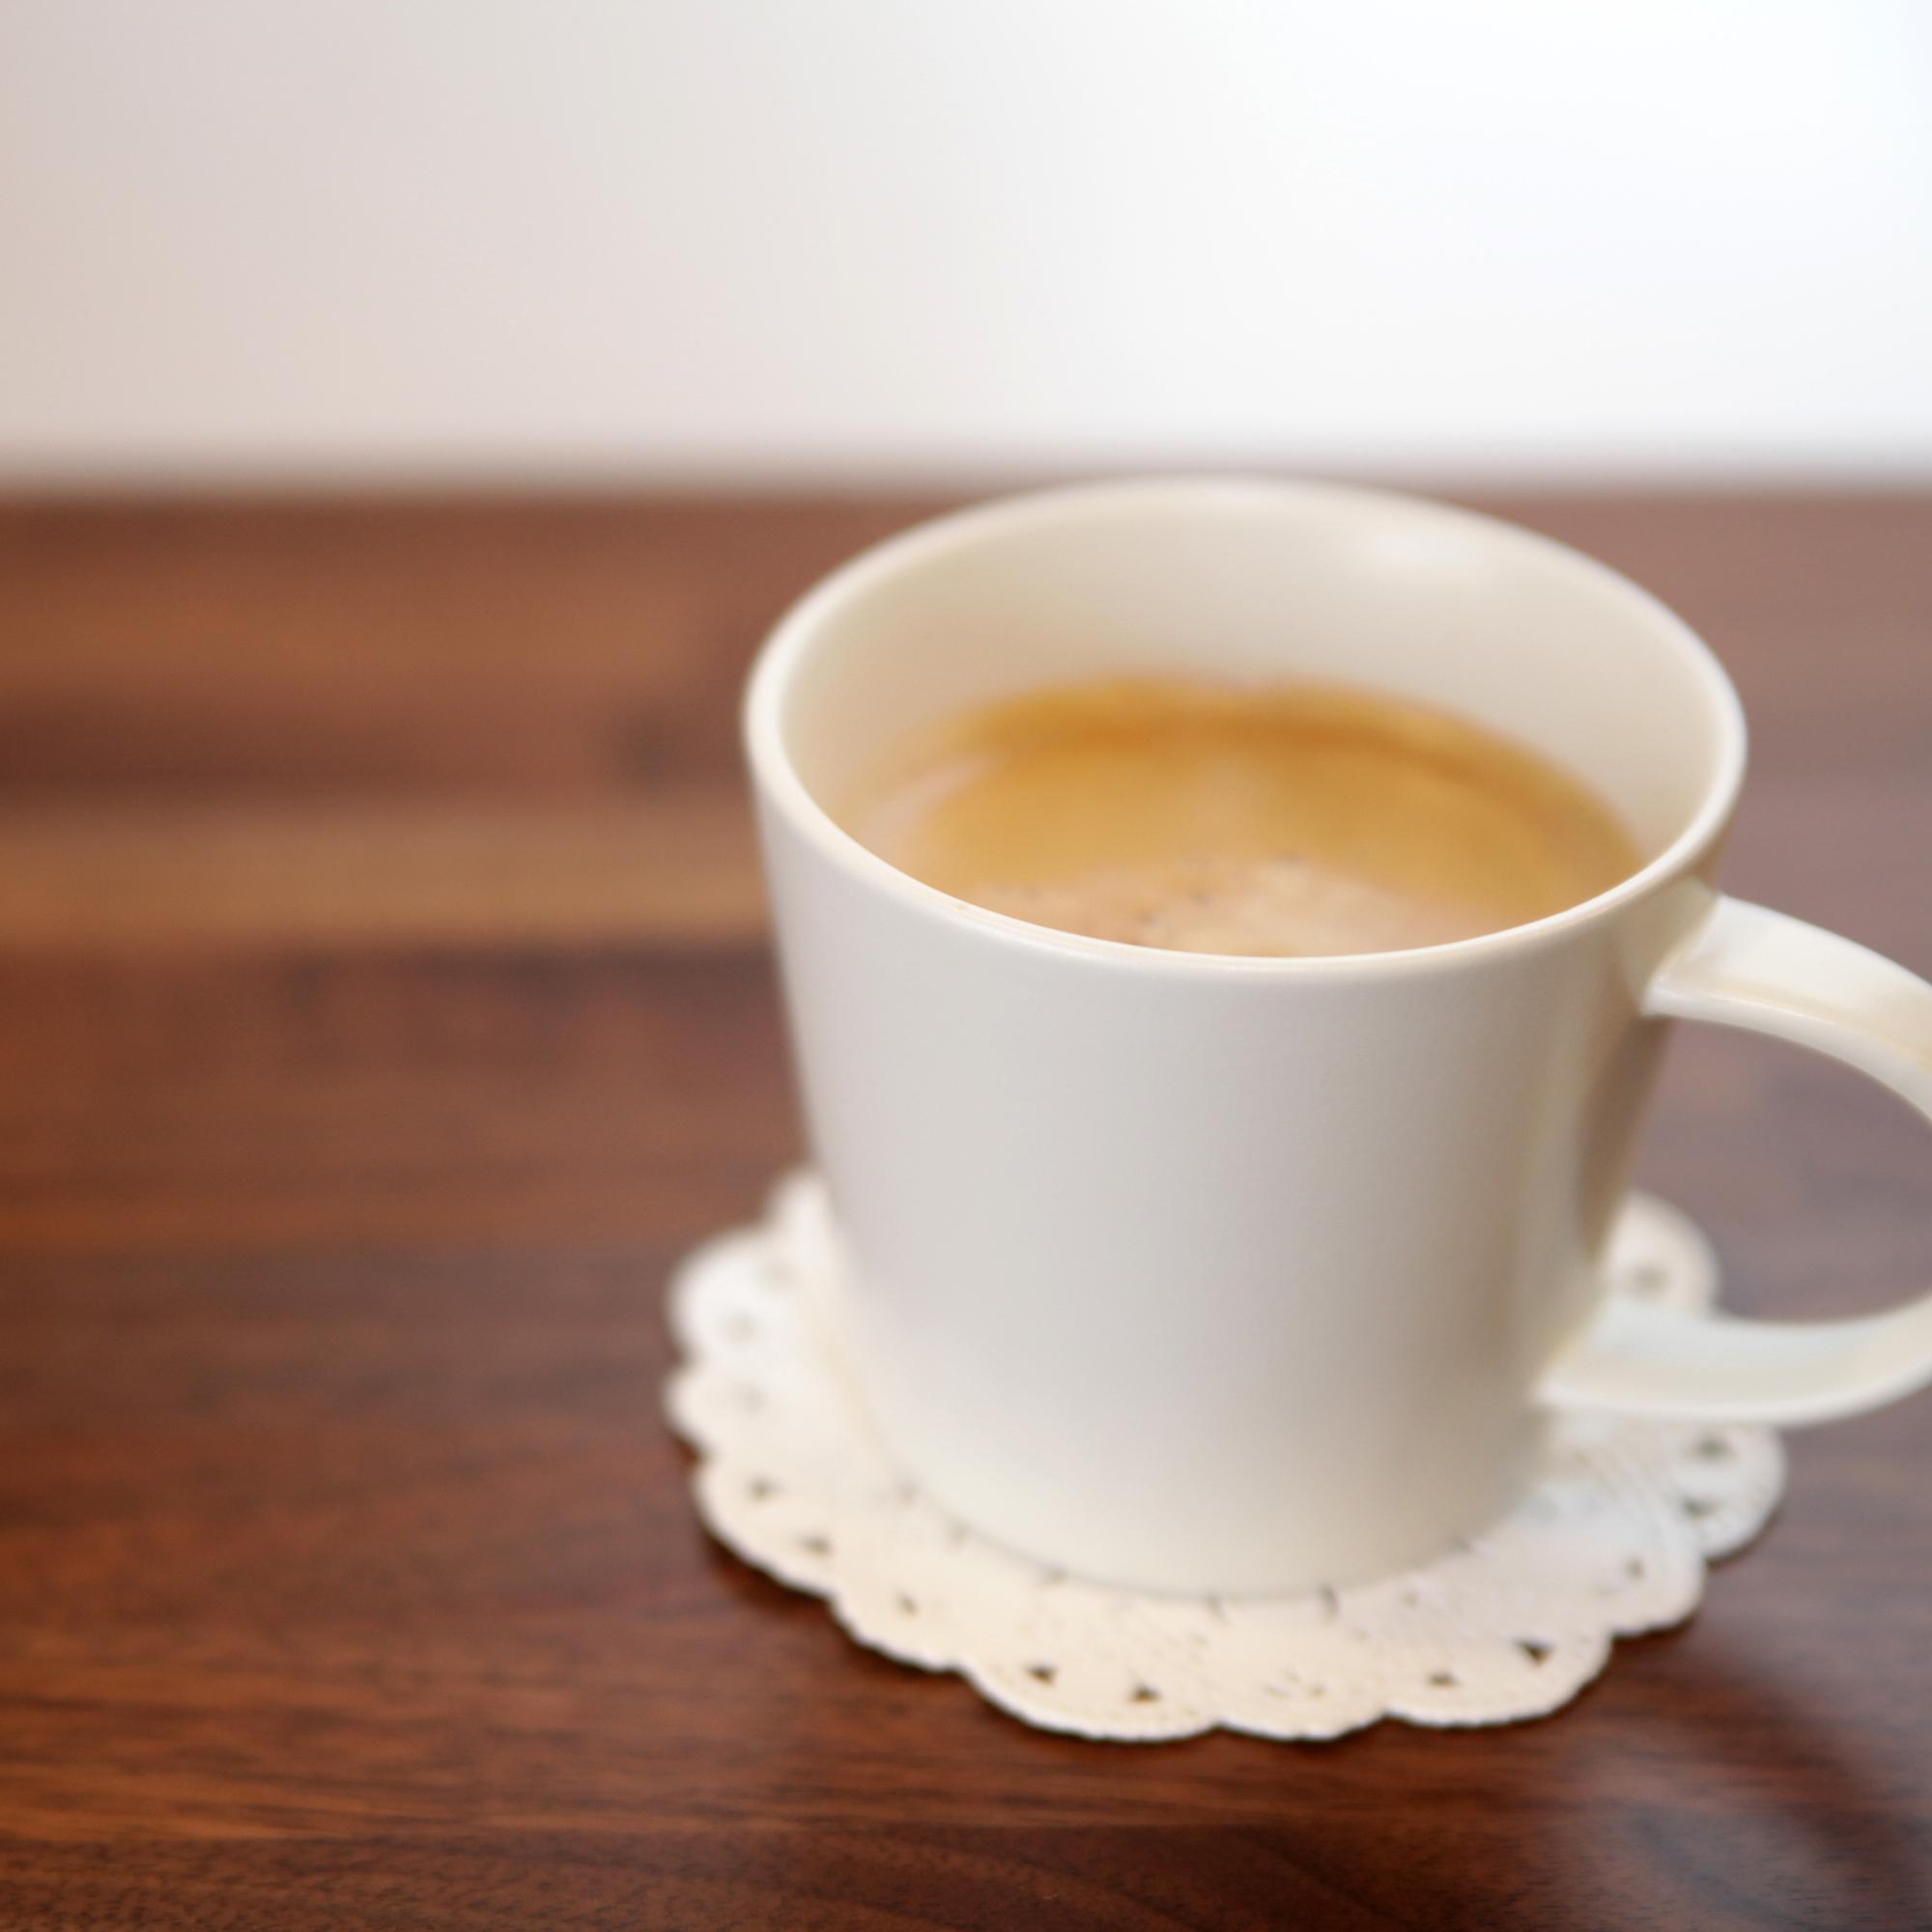 本日のスペシャルコーヒー